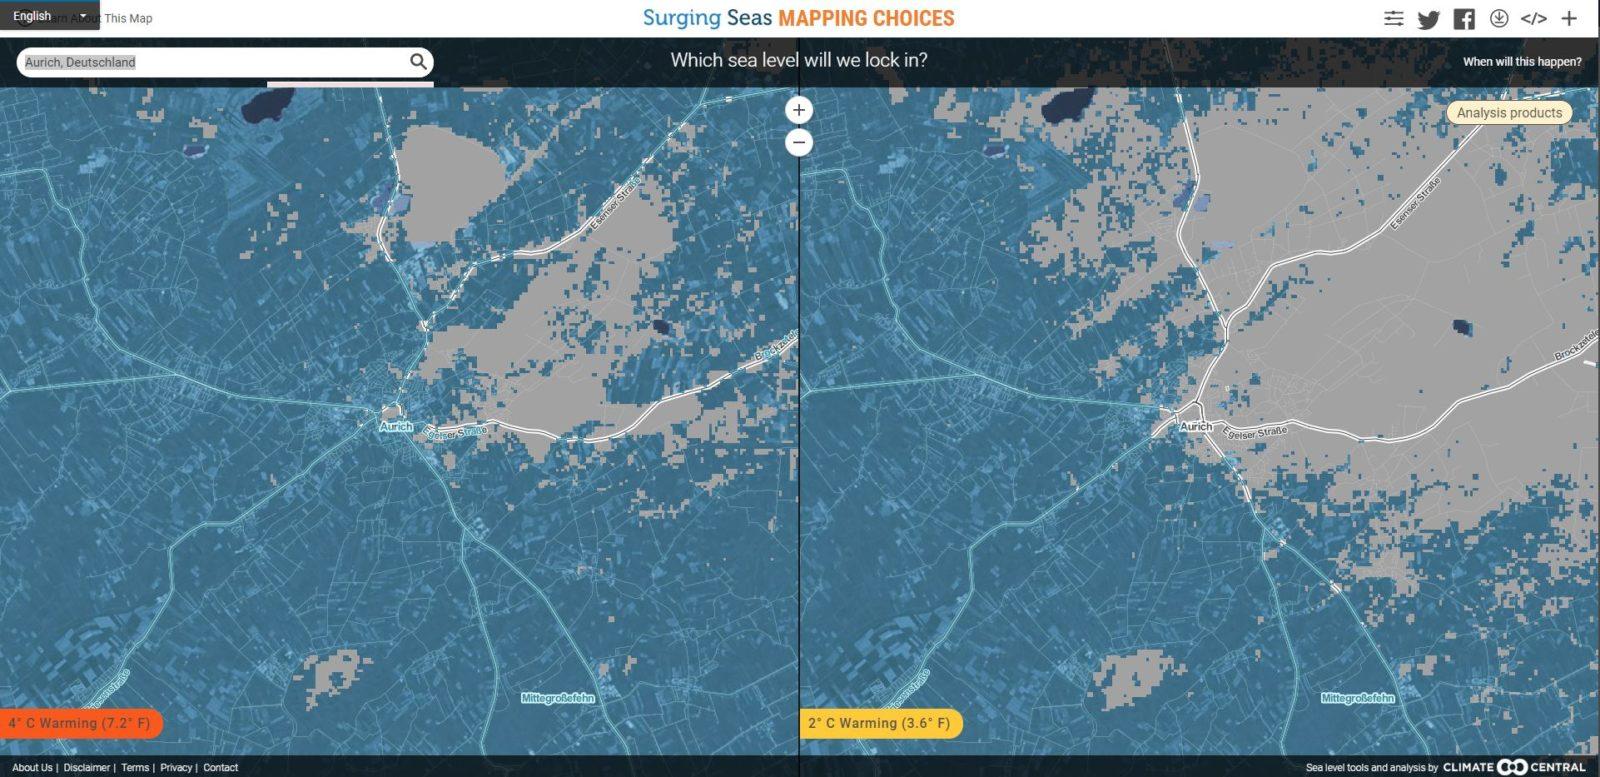 Aurich bei 2 und 4 Grad Erderwärmung in der interaktiven Karte